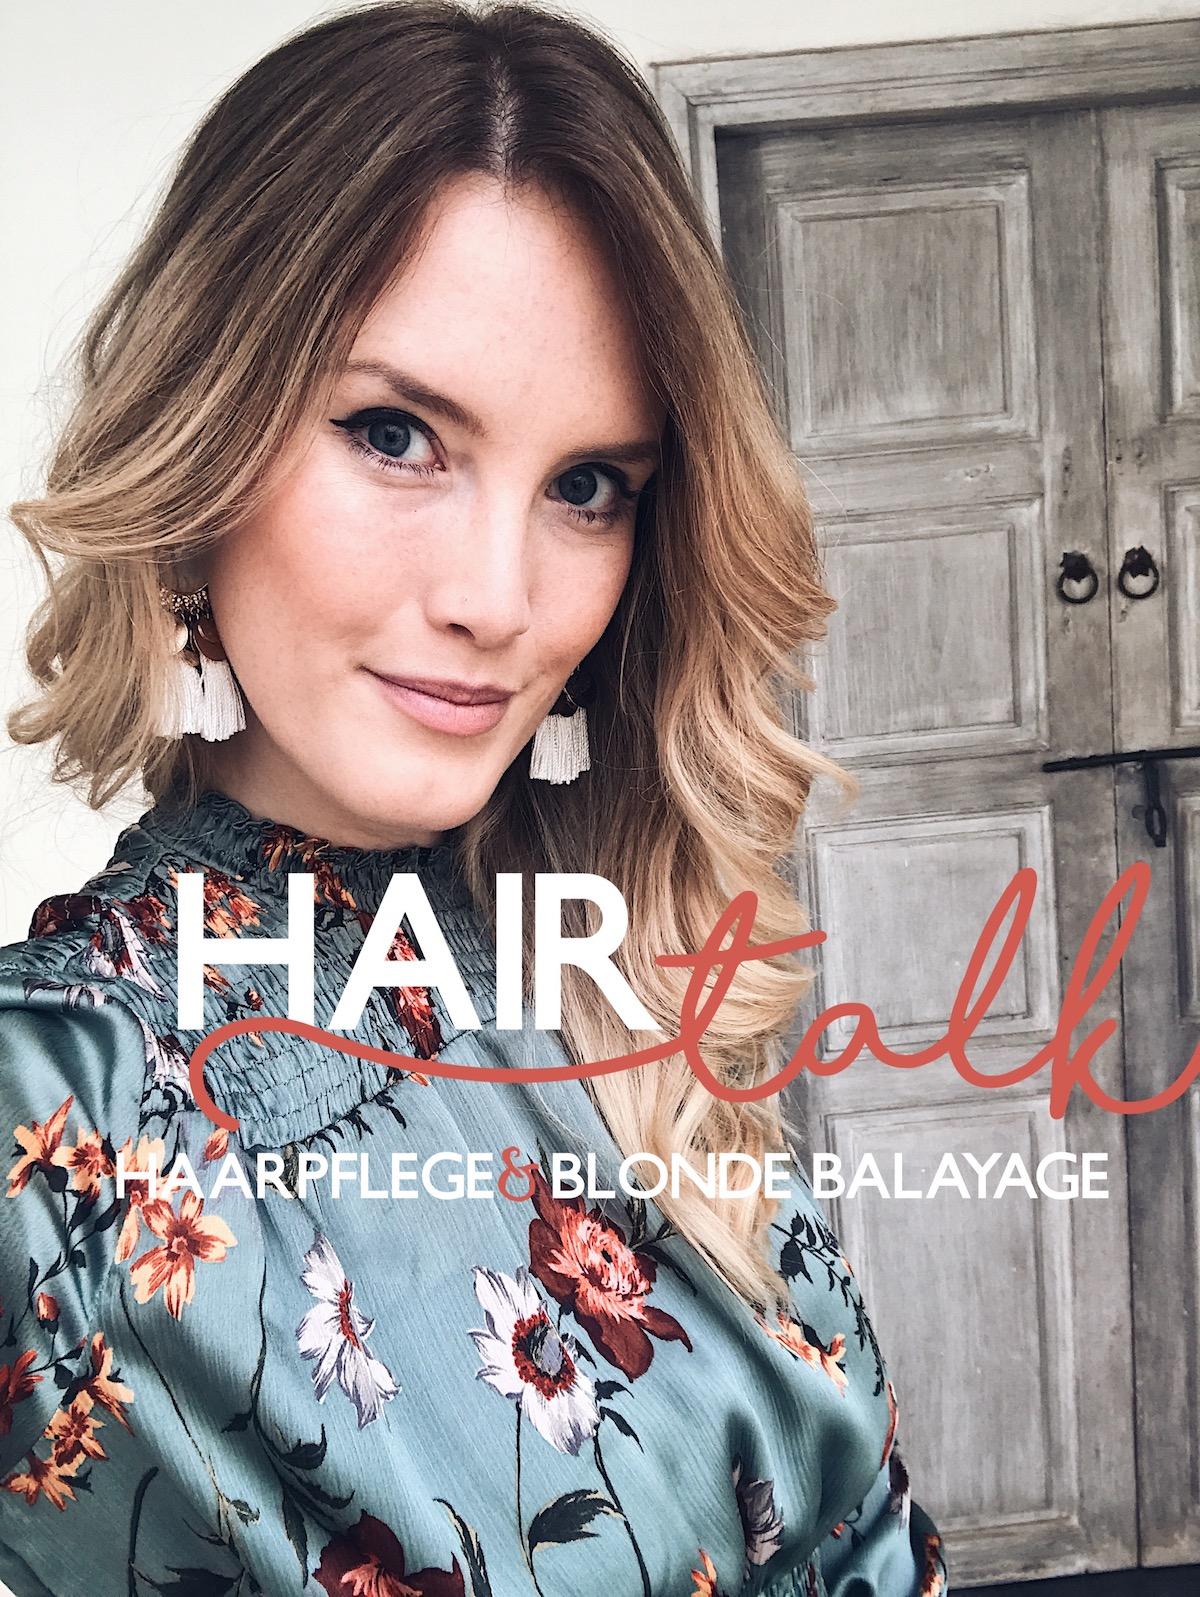 Vergleich blonde Strähnen und blondes Balayage - meine Erfahrungen mit Balayage und meine Haarpflege Senait Esslingen bester Friseur Stuttgart Erfahrung Balayage Strähnchen TheBlondeLion